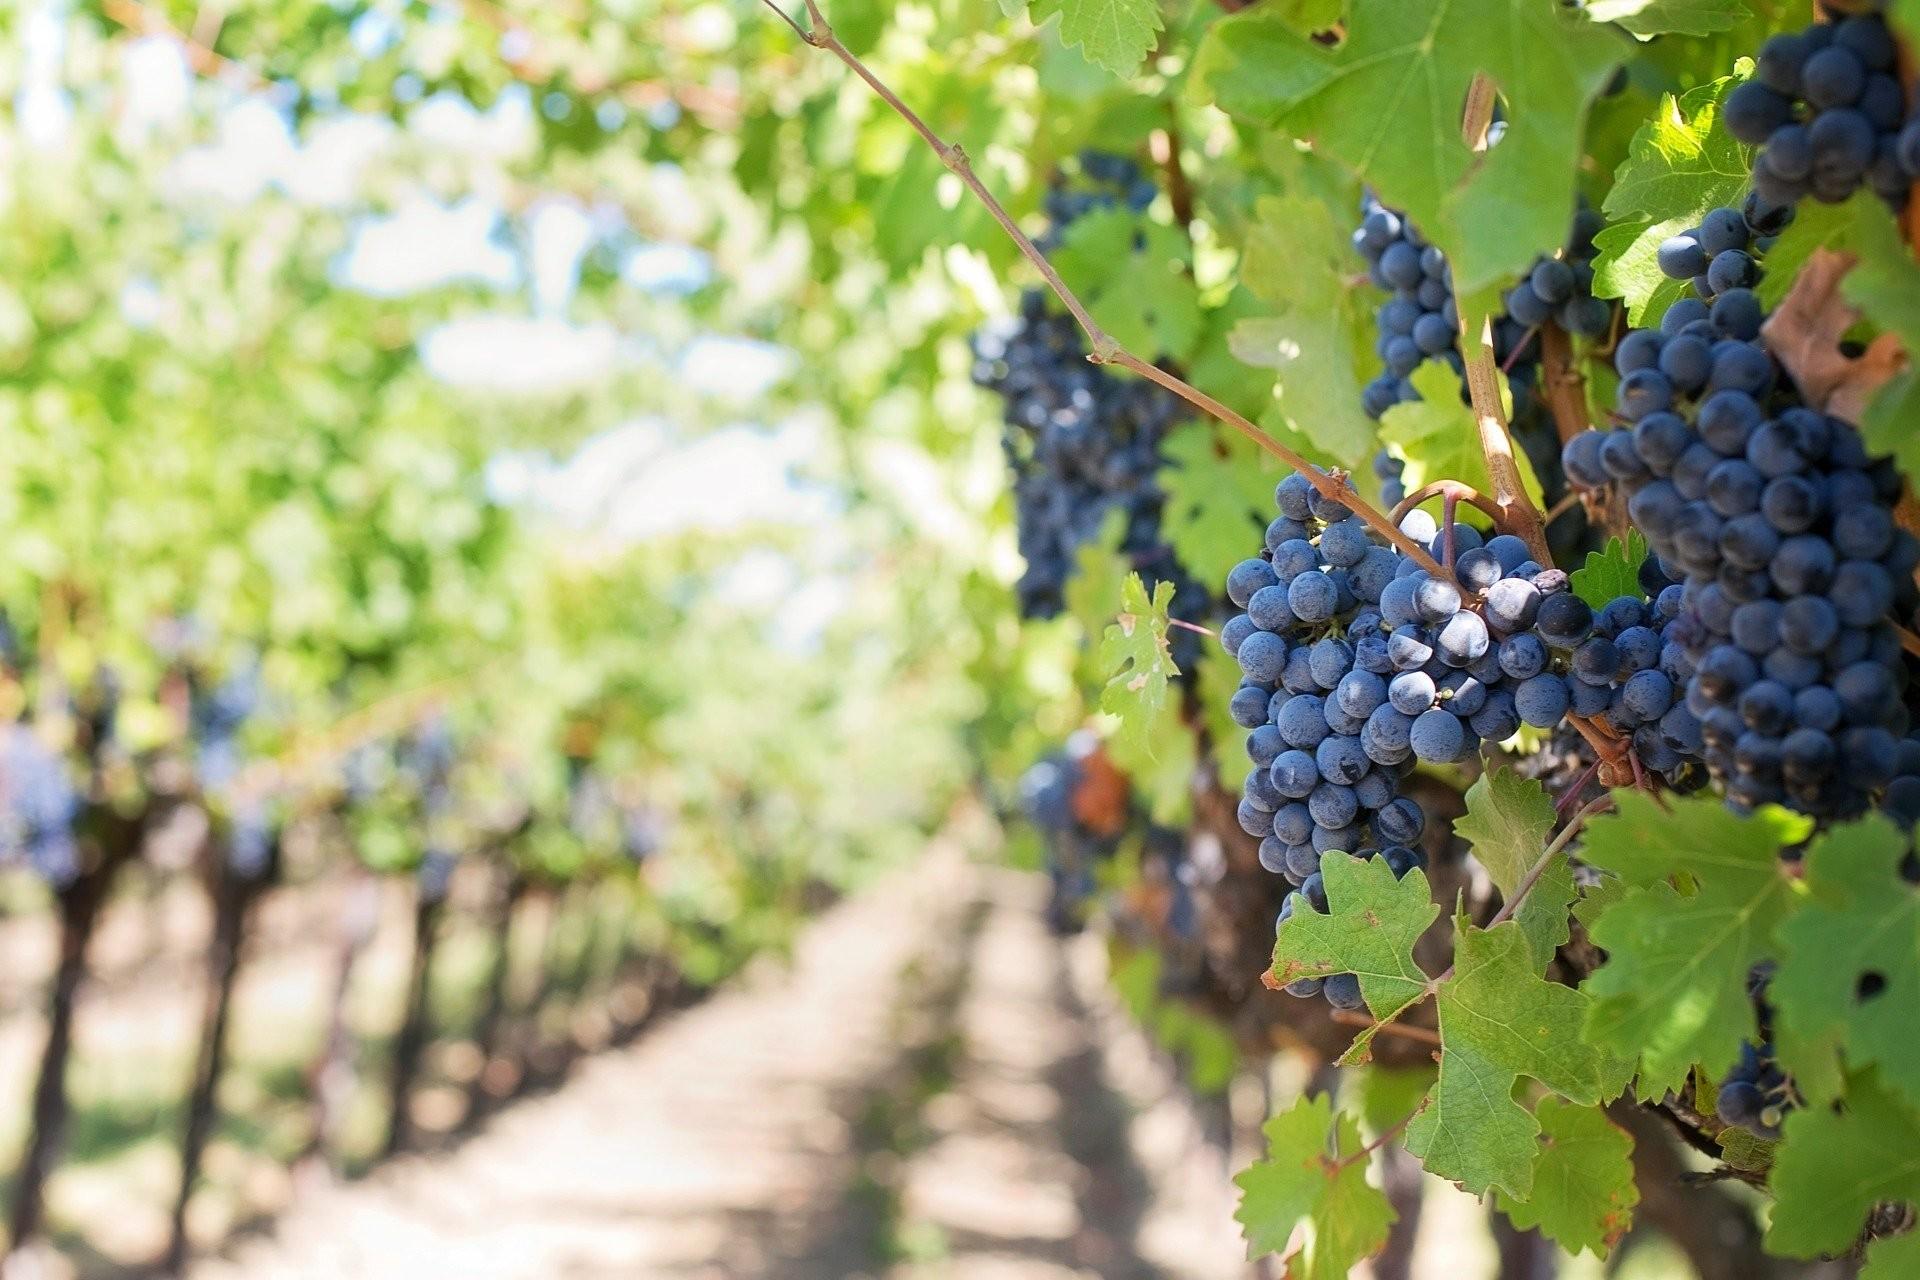 Átfogó szüreti mustfok ellenőrzést szerveznek a szőlőtermesztők védelmében